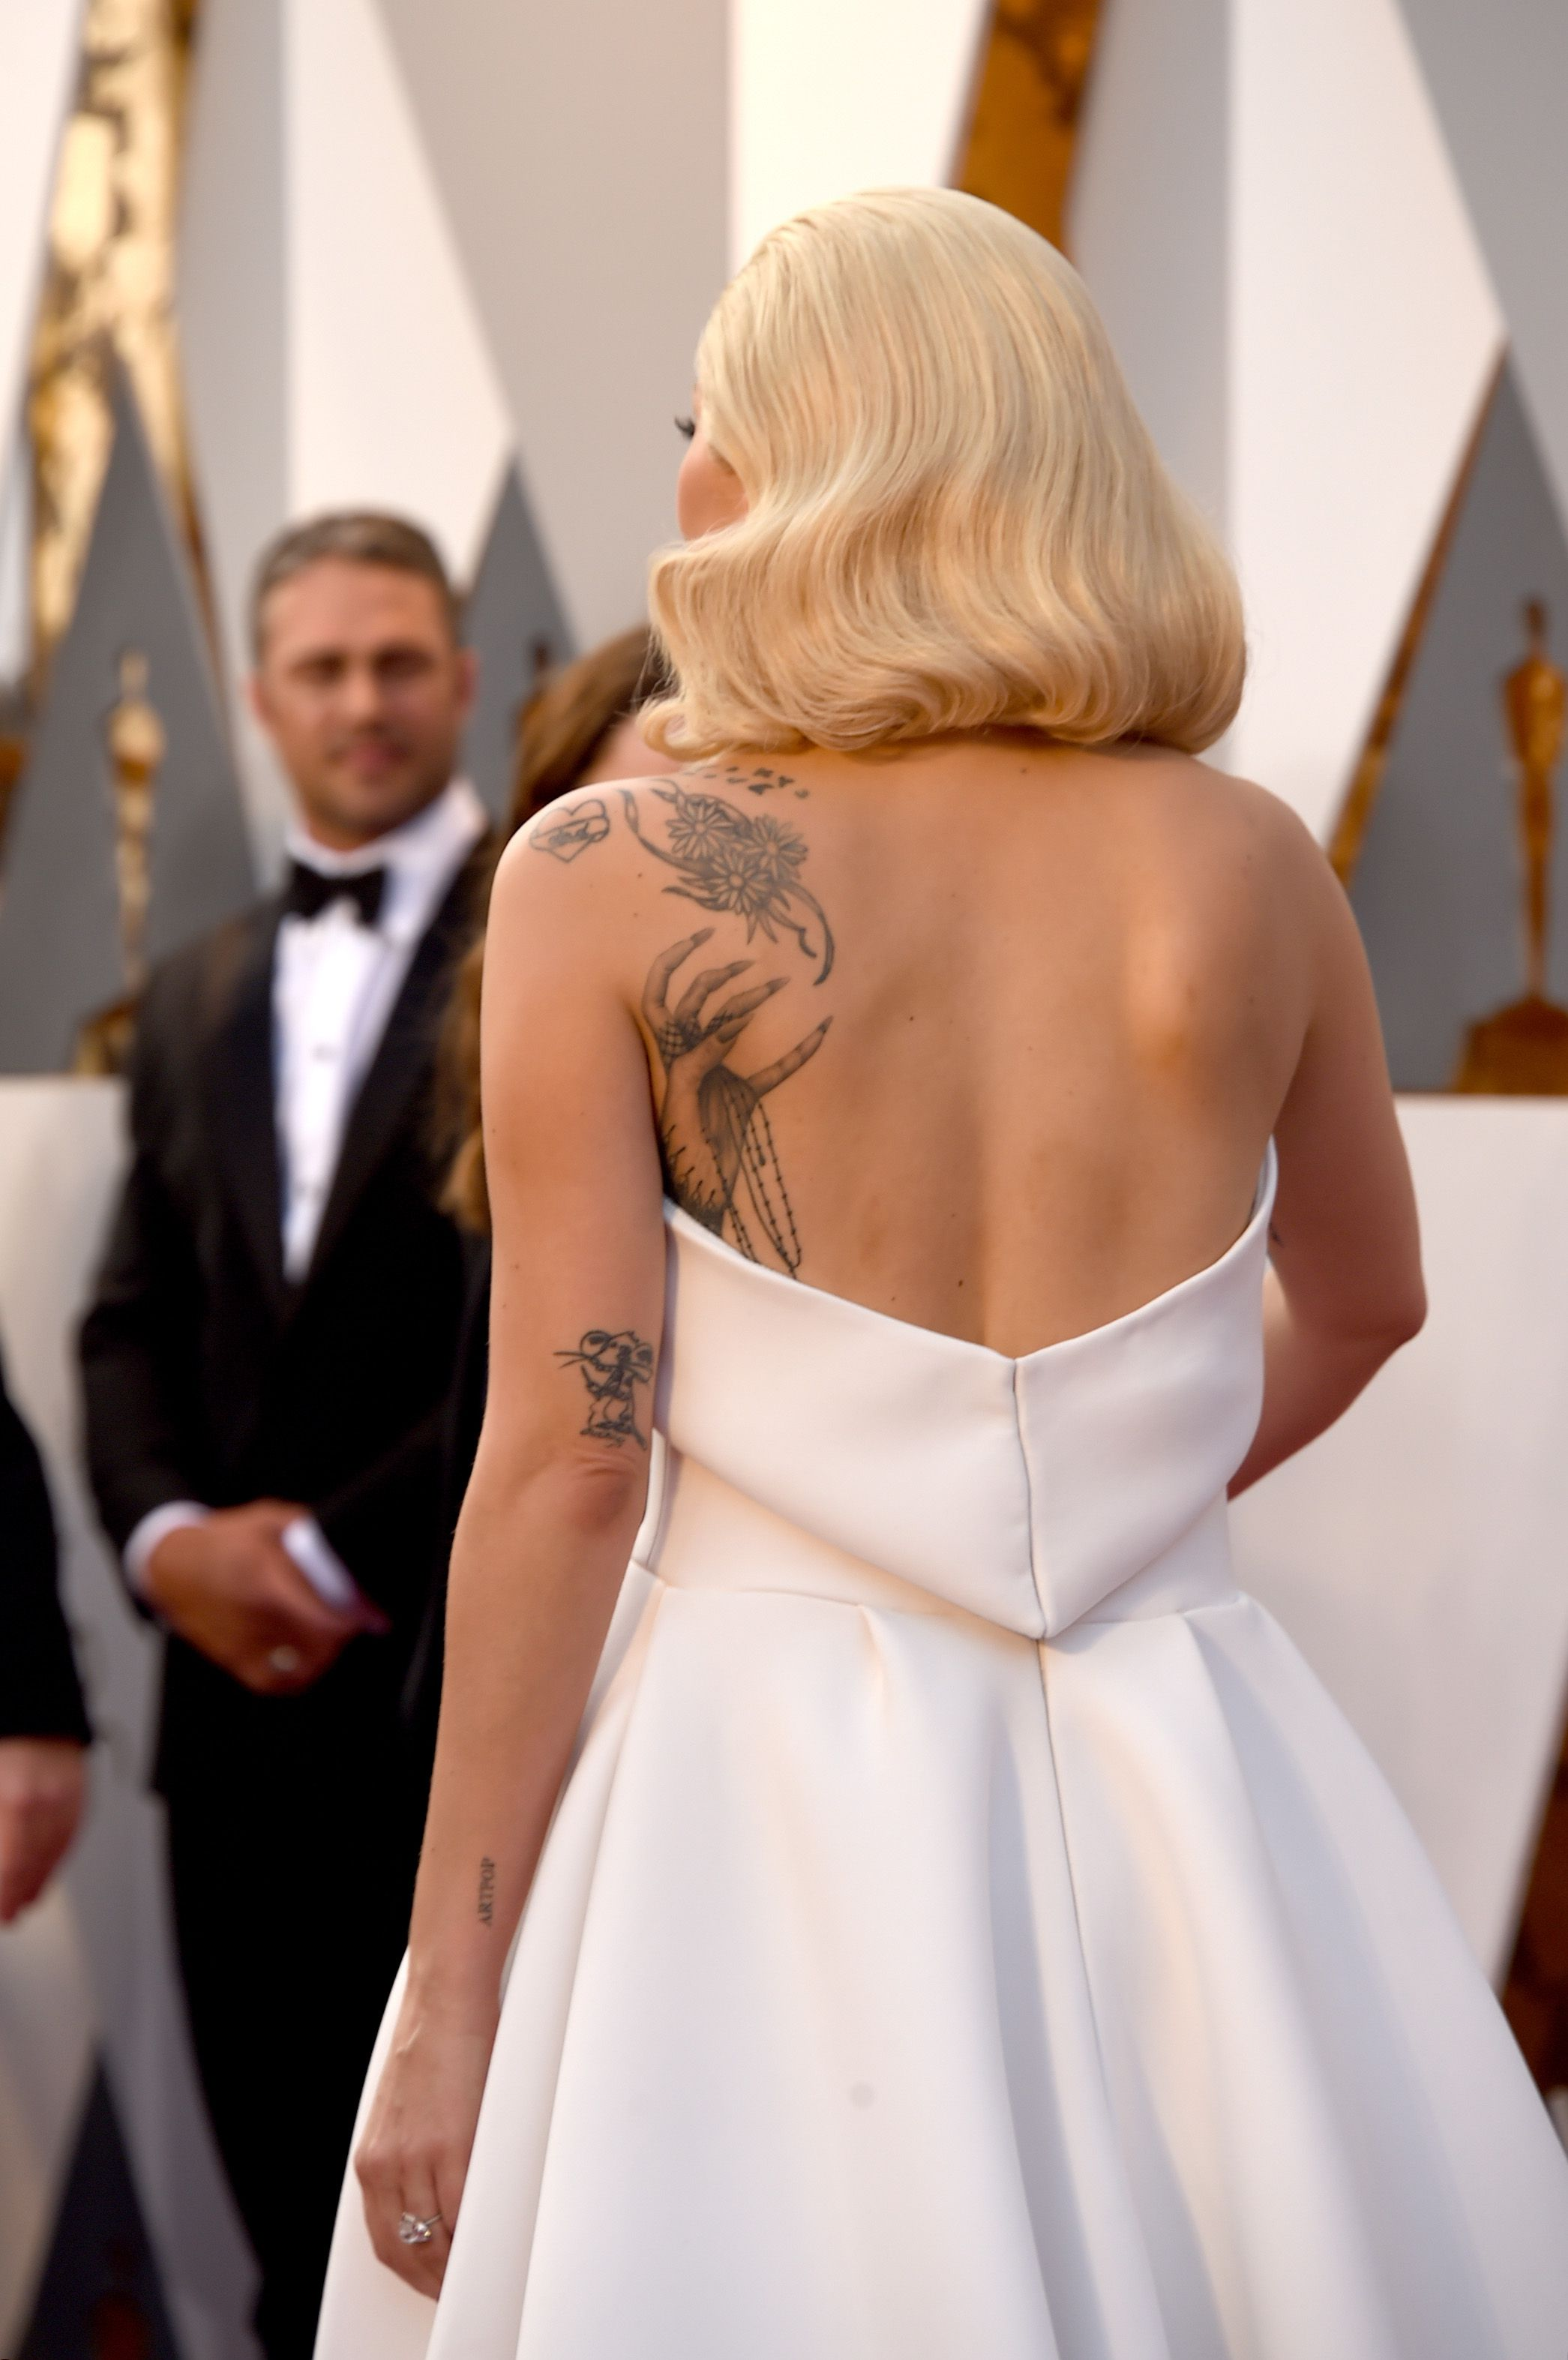 Gdje se kriju tetovaže poznatih?